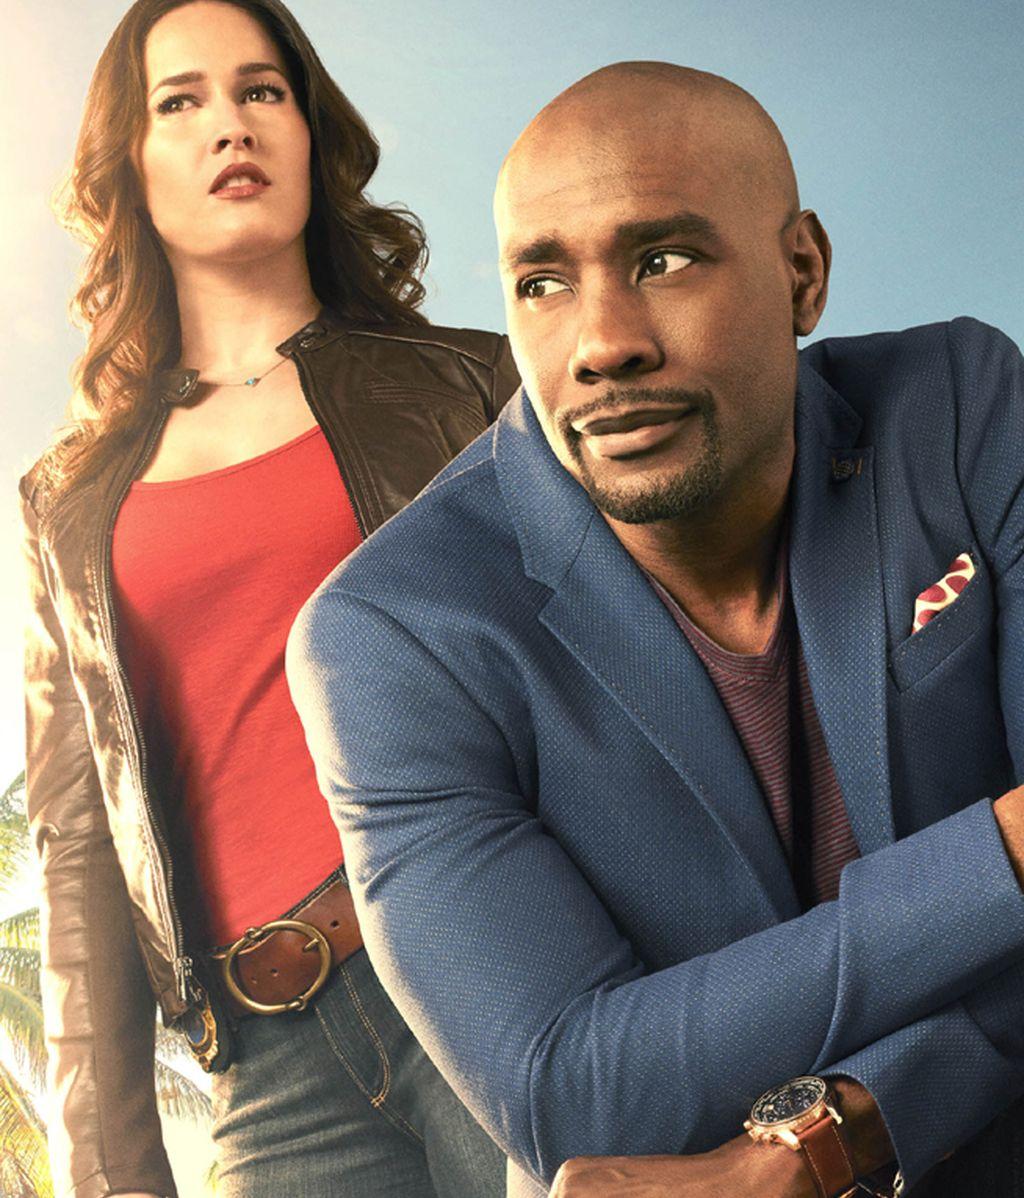 El doctor Beaumont Rosewood encuentra su contrapunto perfecto en la detective Annalise Villa